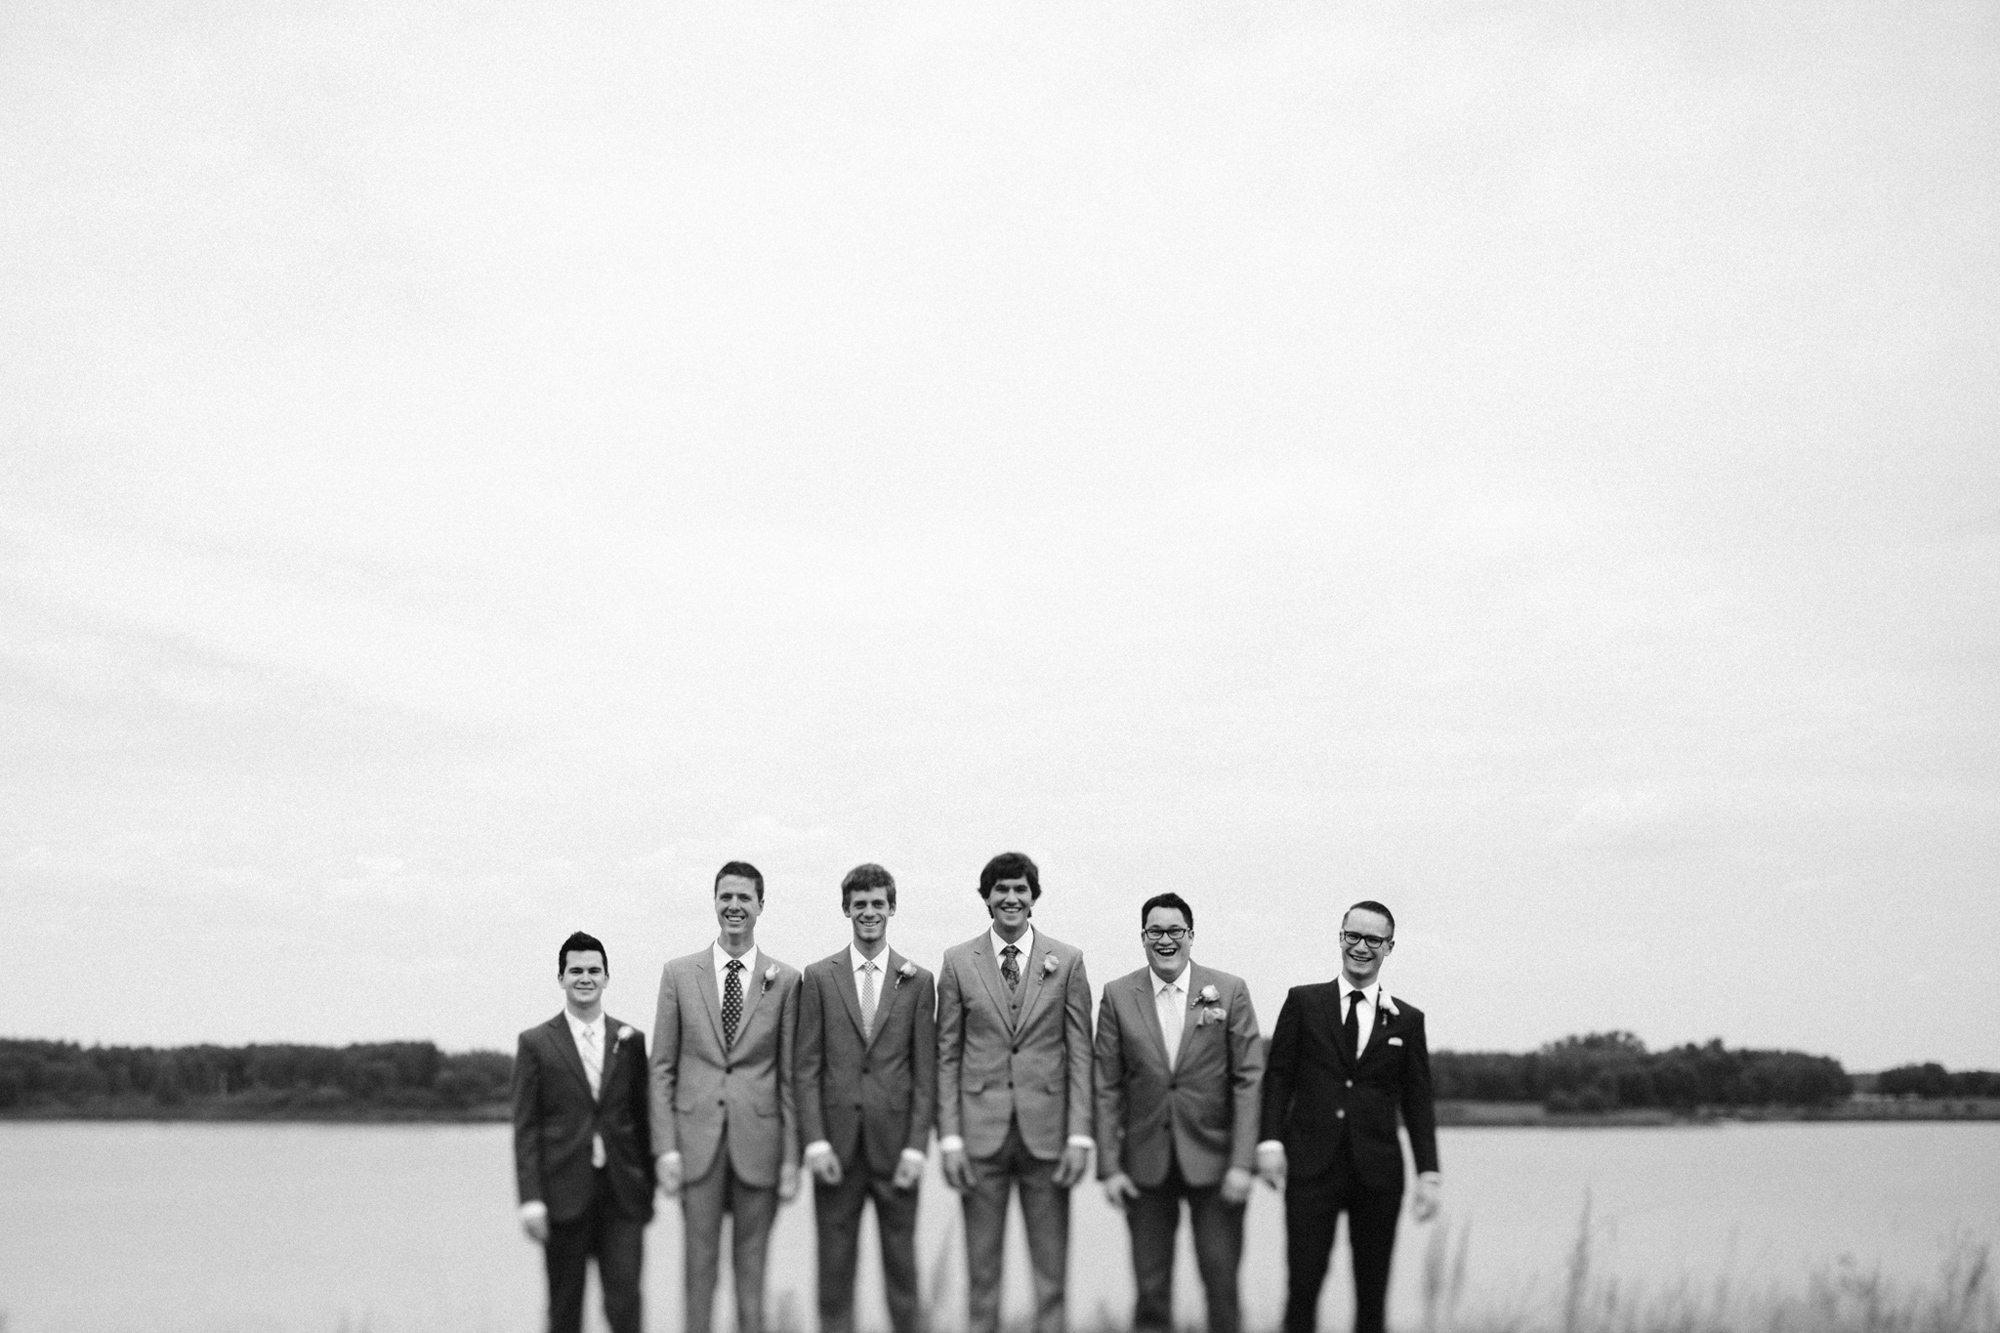 Wedding In Winnipeg, Luke Liable  // Victoria & Vancouver Island Wedding Photographer